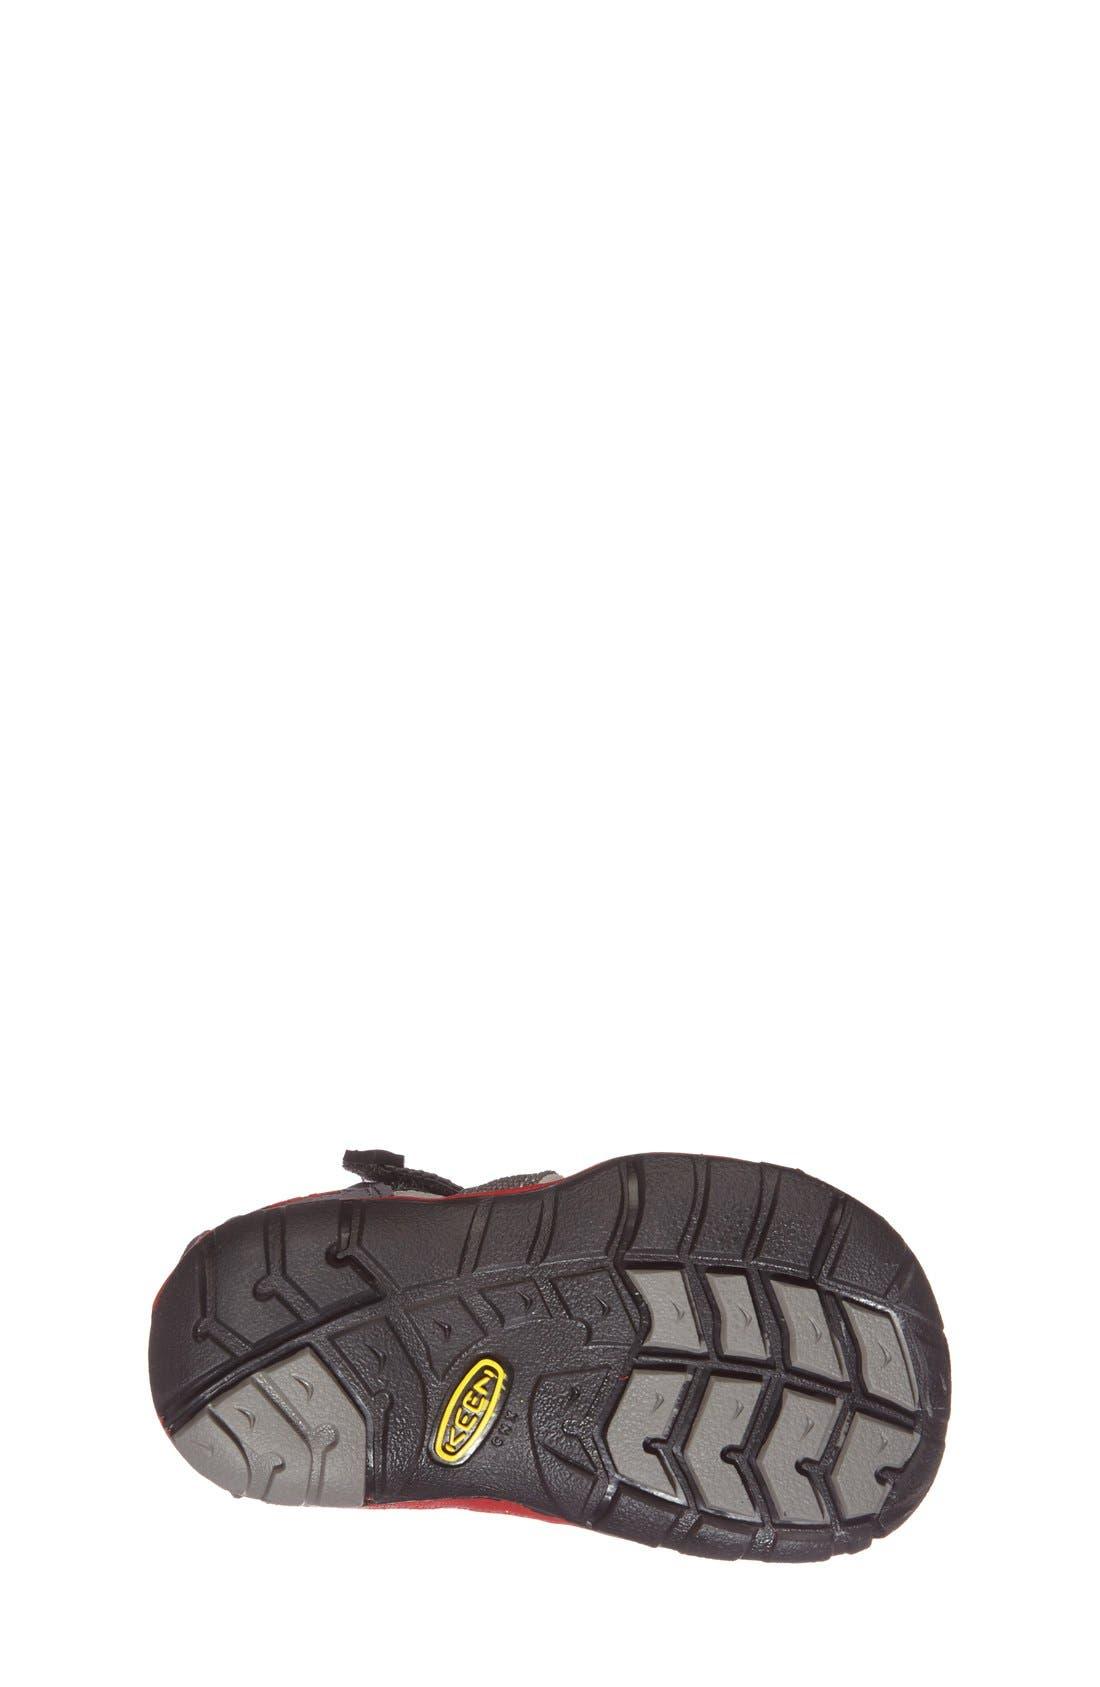 Alternate Image 4  - Keen 'Seacamp II' Waterproof Sandal (Baby & Walker)